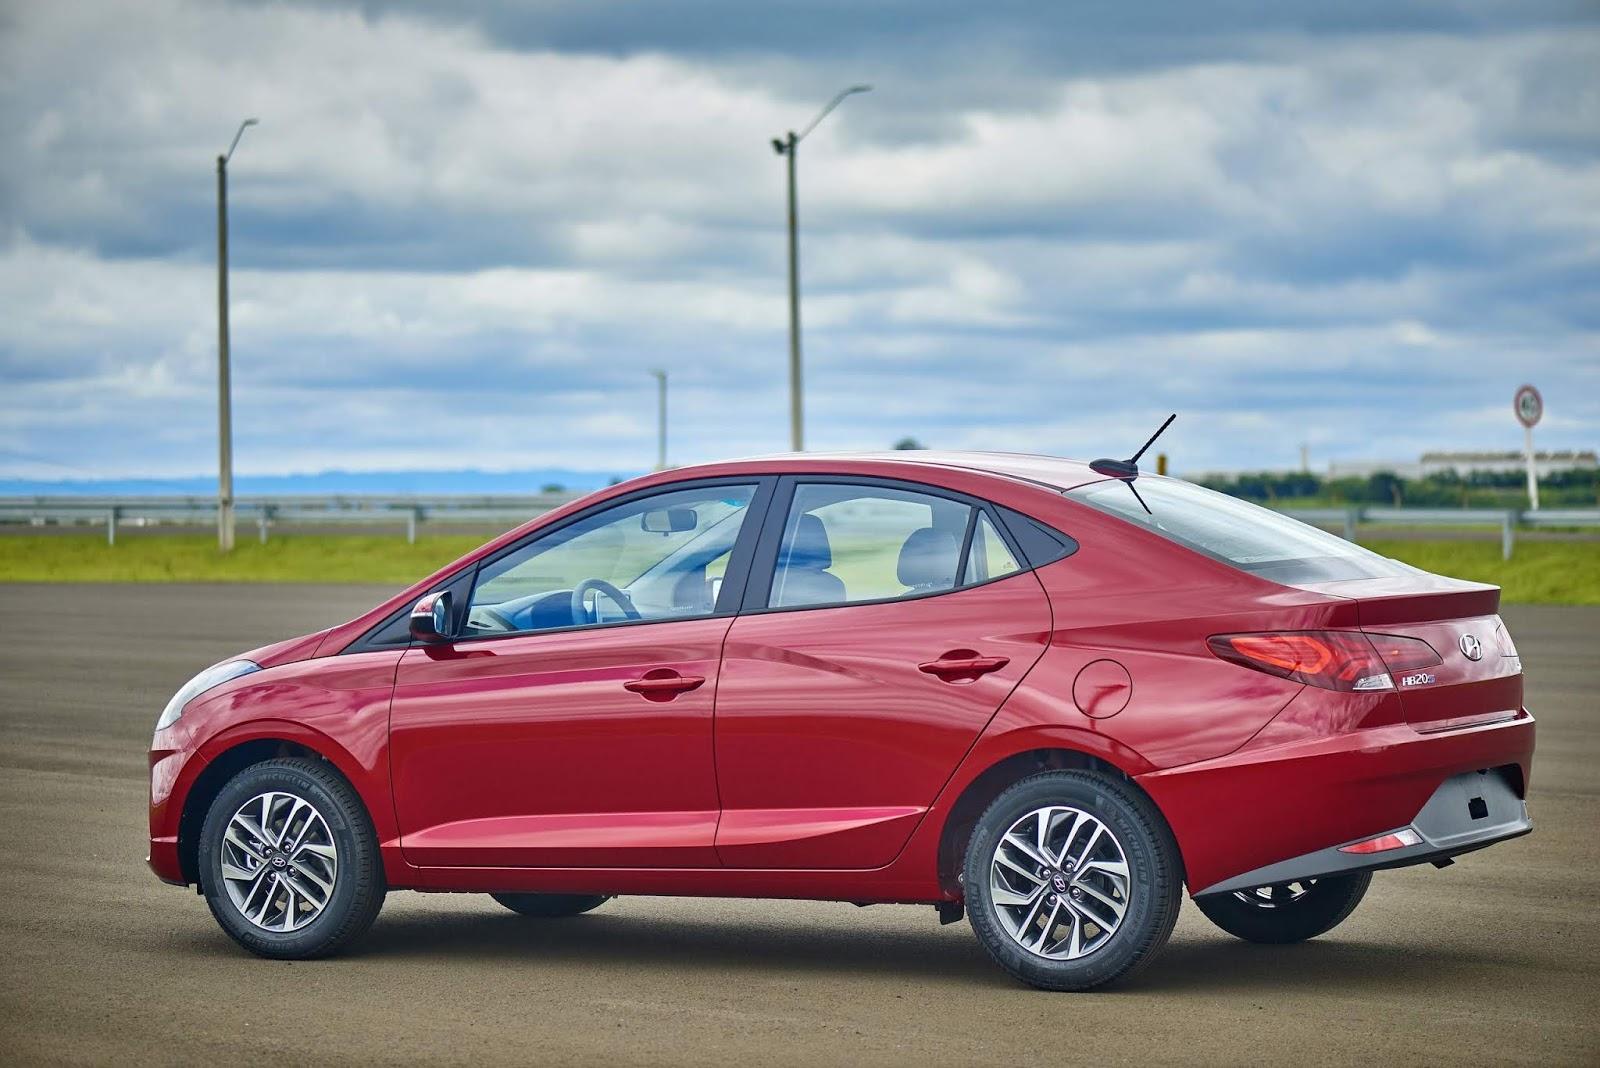 Hyundai antecipa retorno de 2 turnos de produção do HB20 e Creta